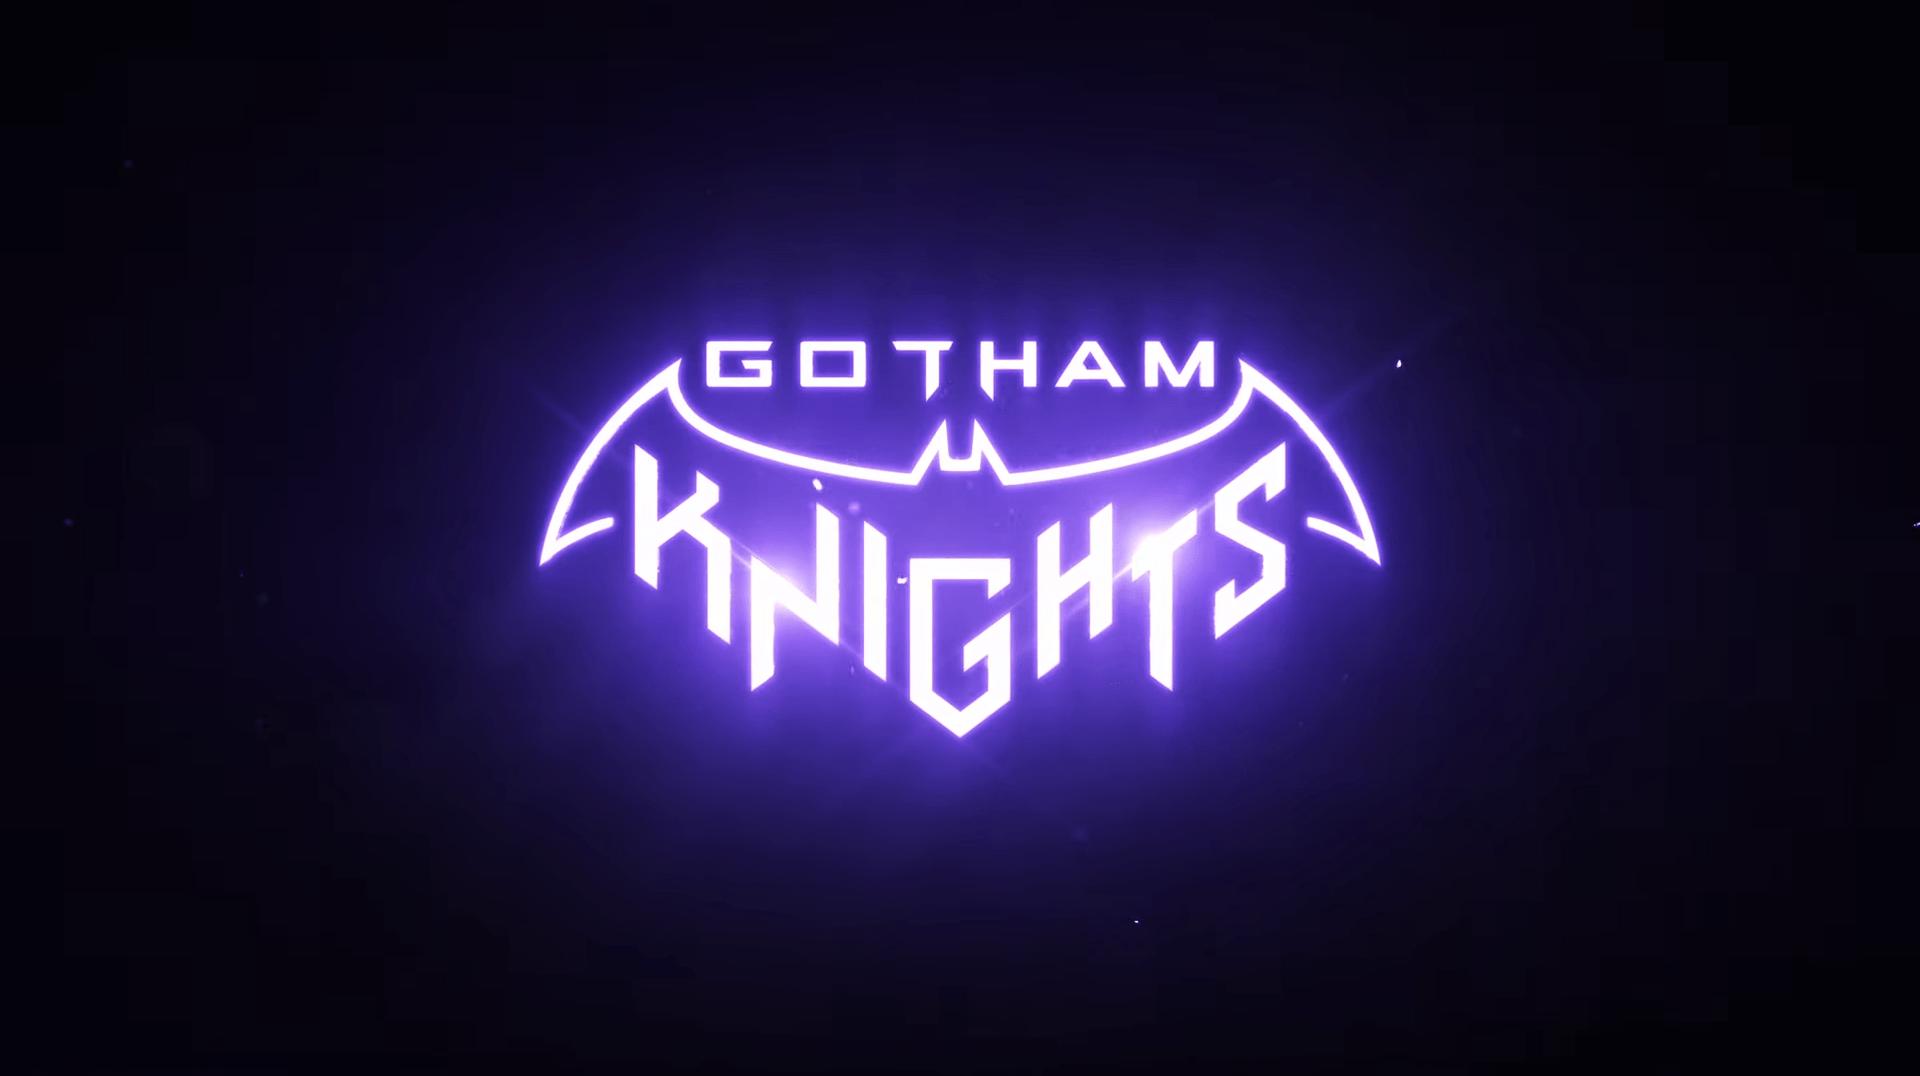 gotham knights gameplay trailer wallpaper